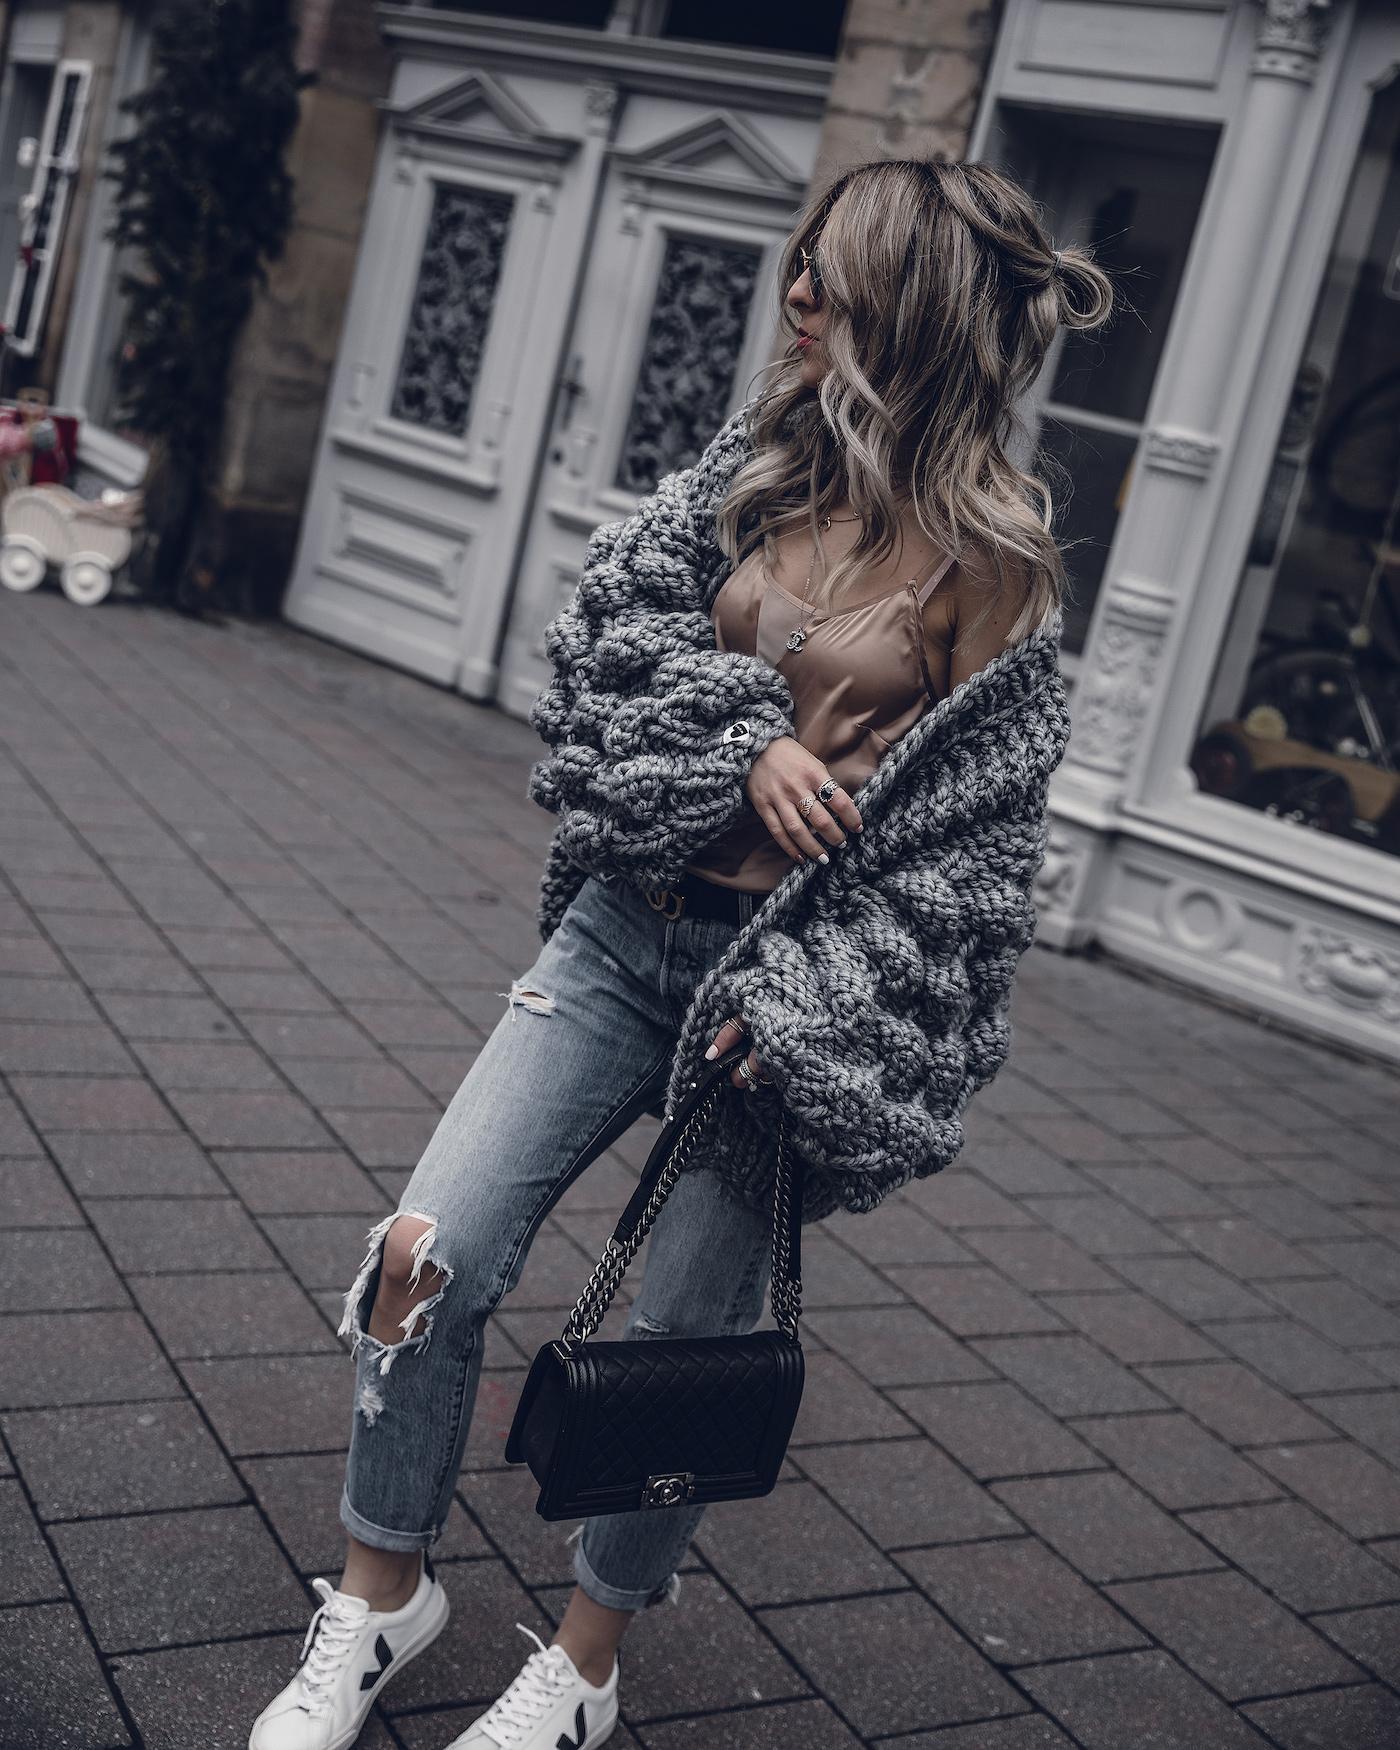 15 idej s chem nosit seryj kardigan chtoby poluchit stilnyj luk